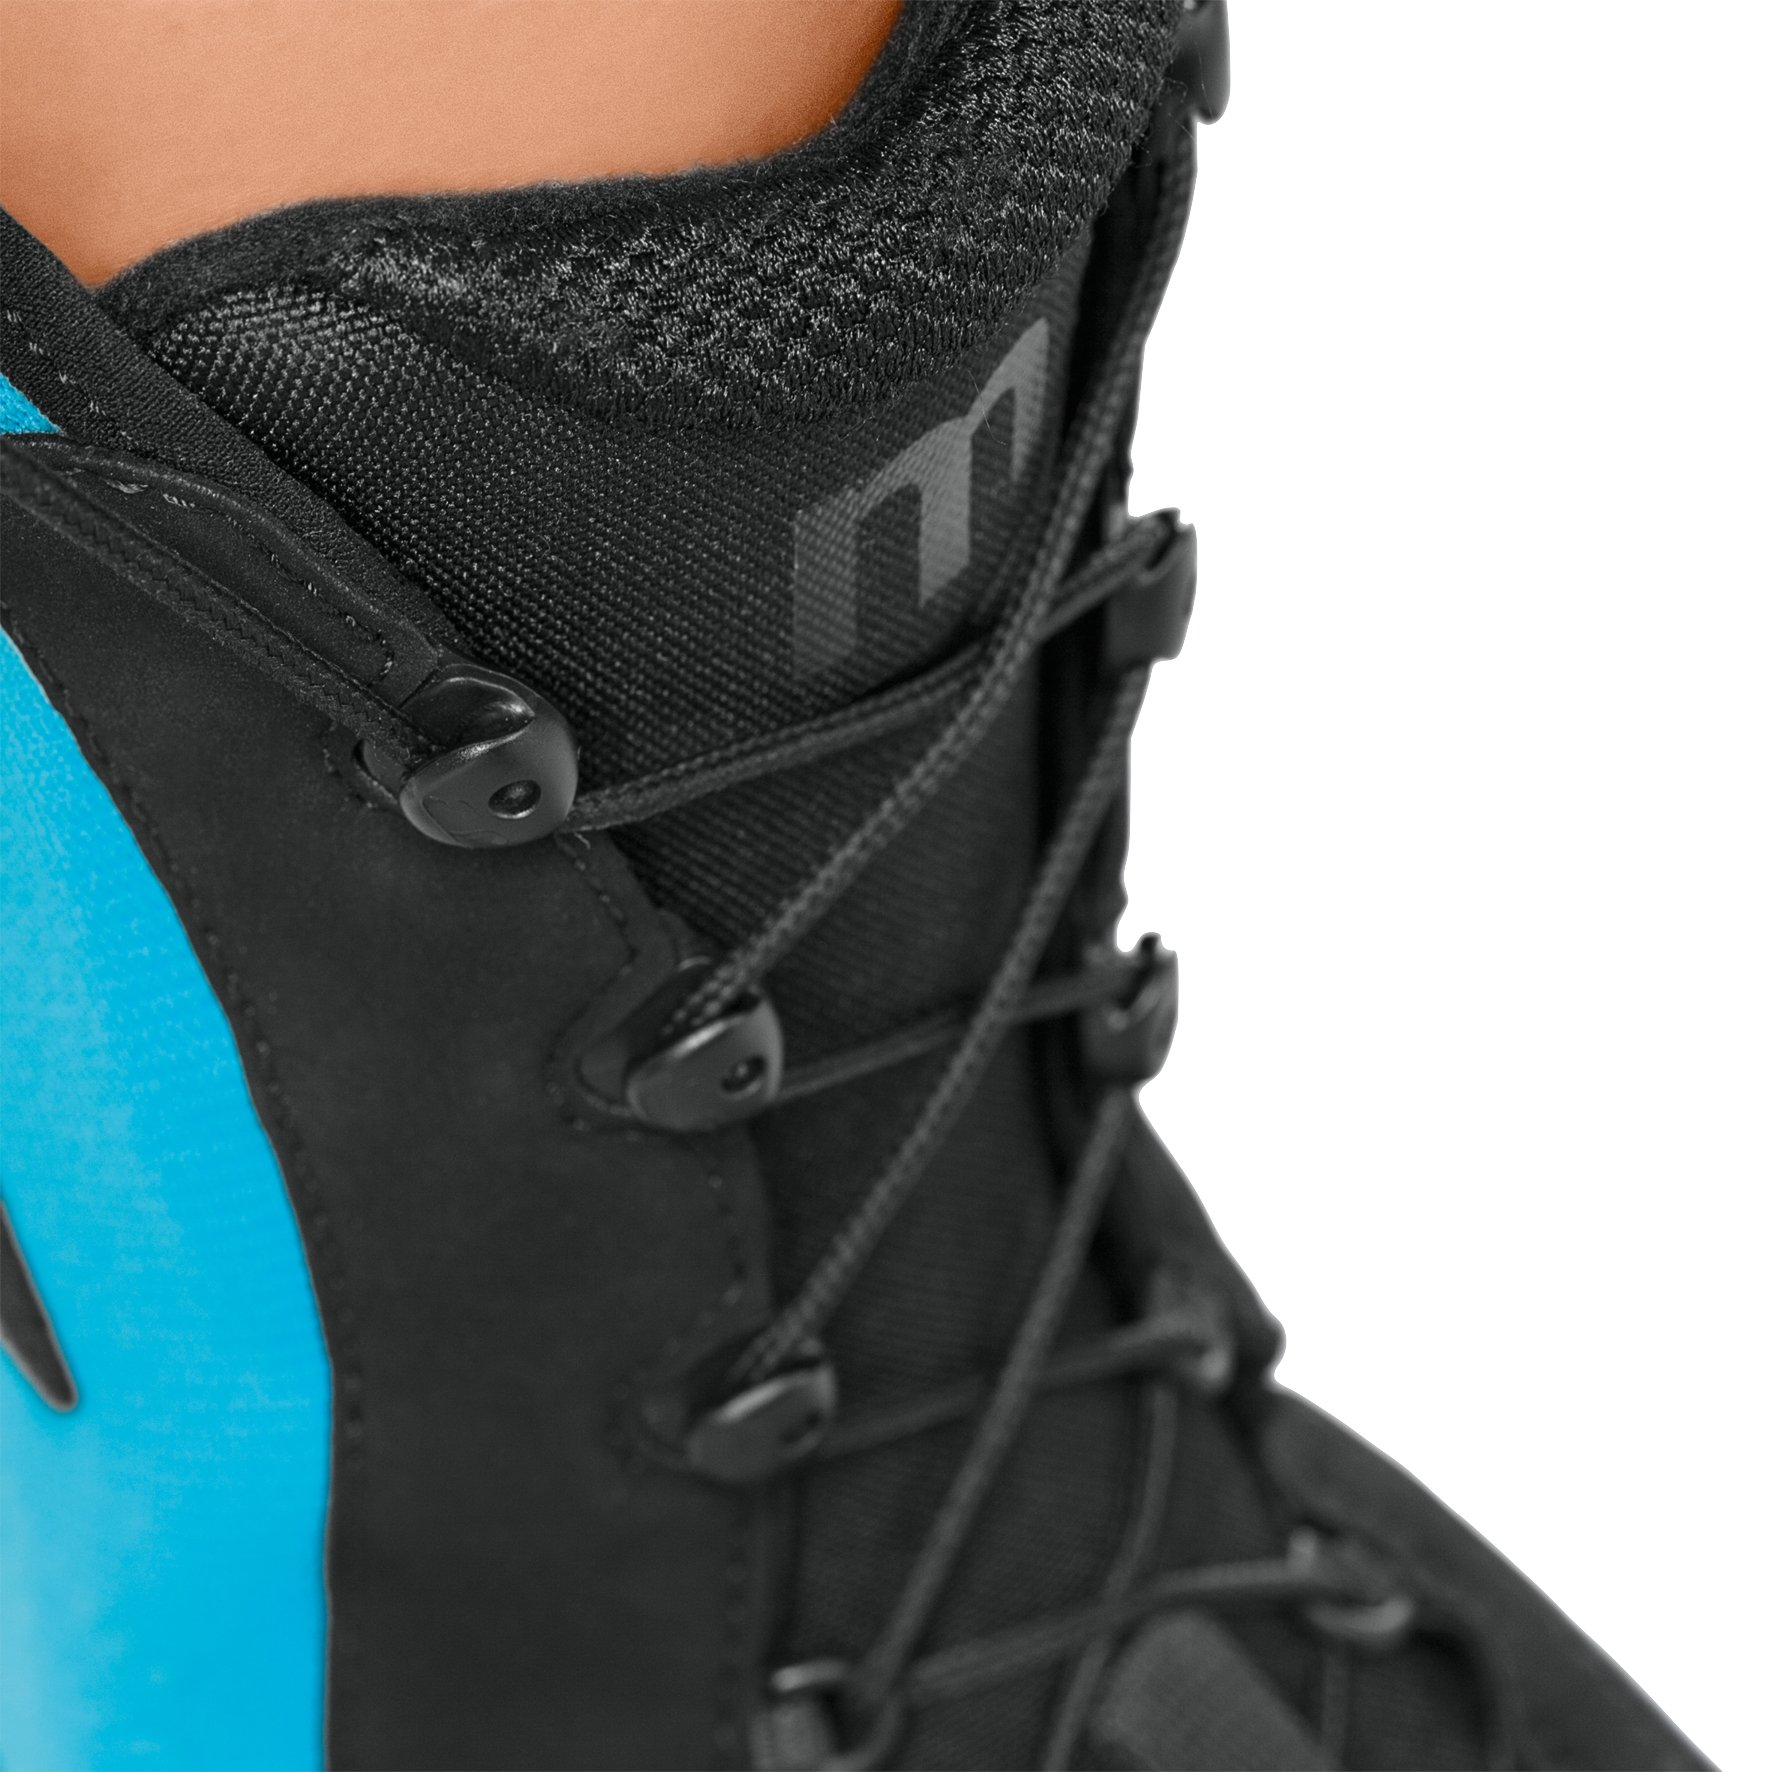 Medi Levamed Stabili-Tri Knit Ankle Support (Blue) Left Size I by Medi (Image #5)